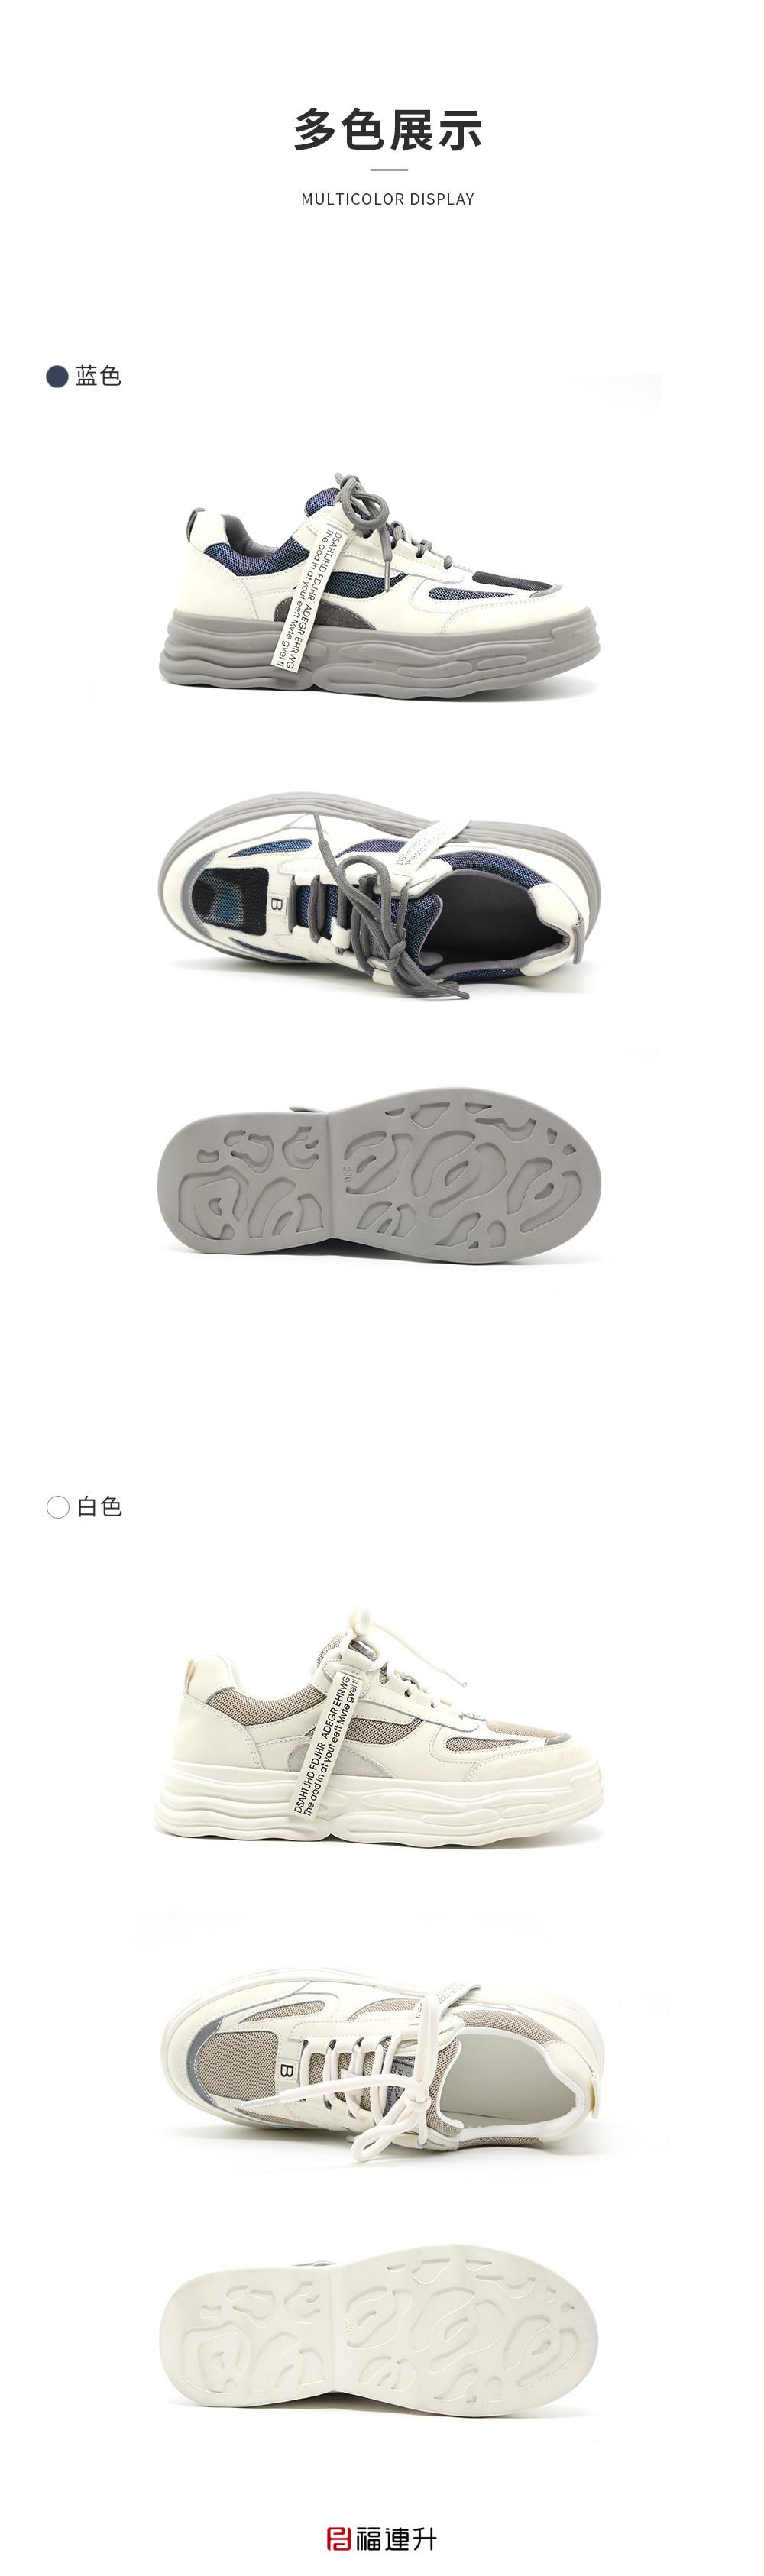 福连升休闲运动鞋女鞋小白鞋女厚底增高休闲板鞋单鞋图片